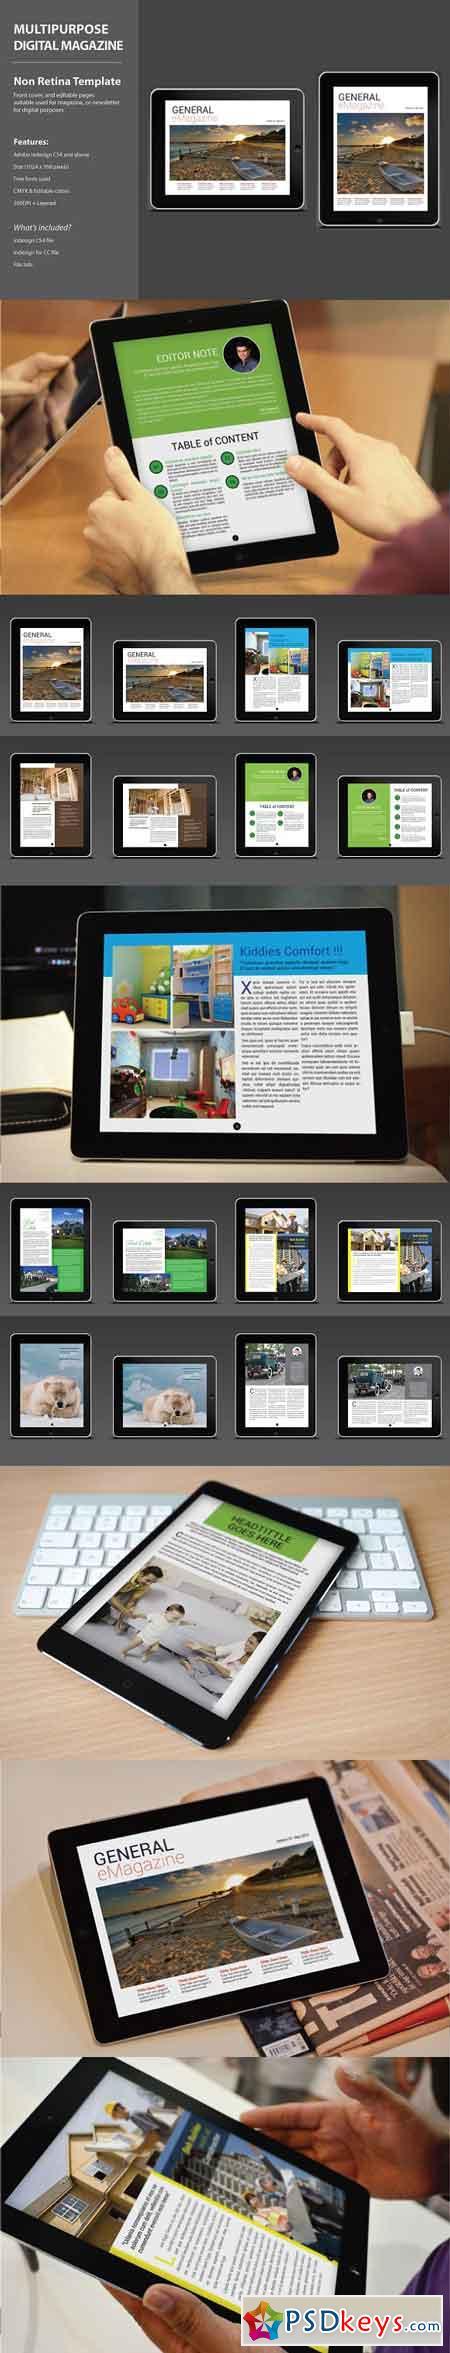 Multipurpose Digital Magazine 3271604